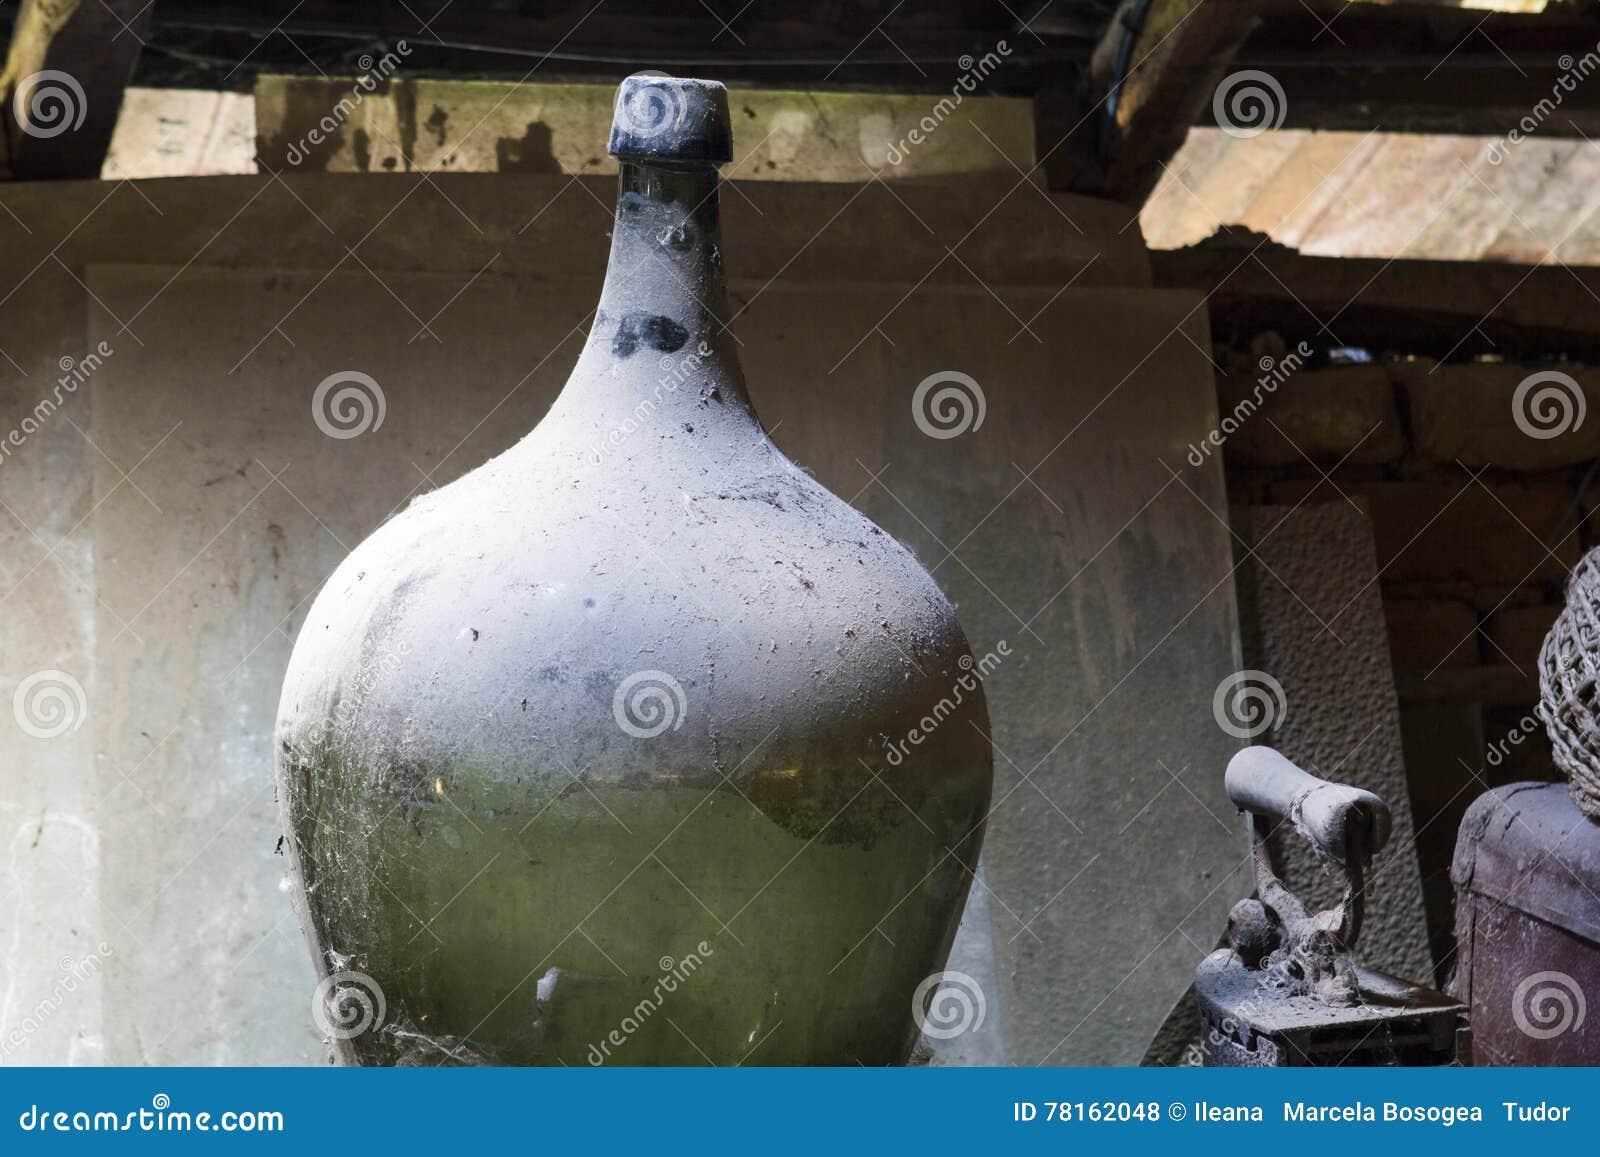 Glas, houten en metaalvoorwerpen in de zolder met stof en spiderwebs